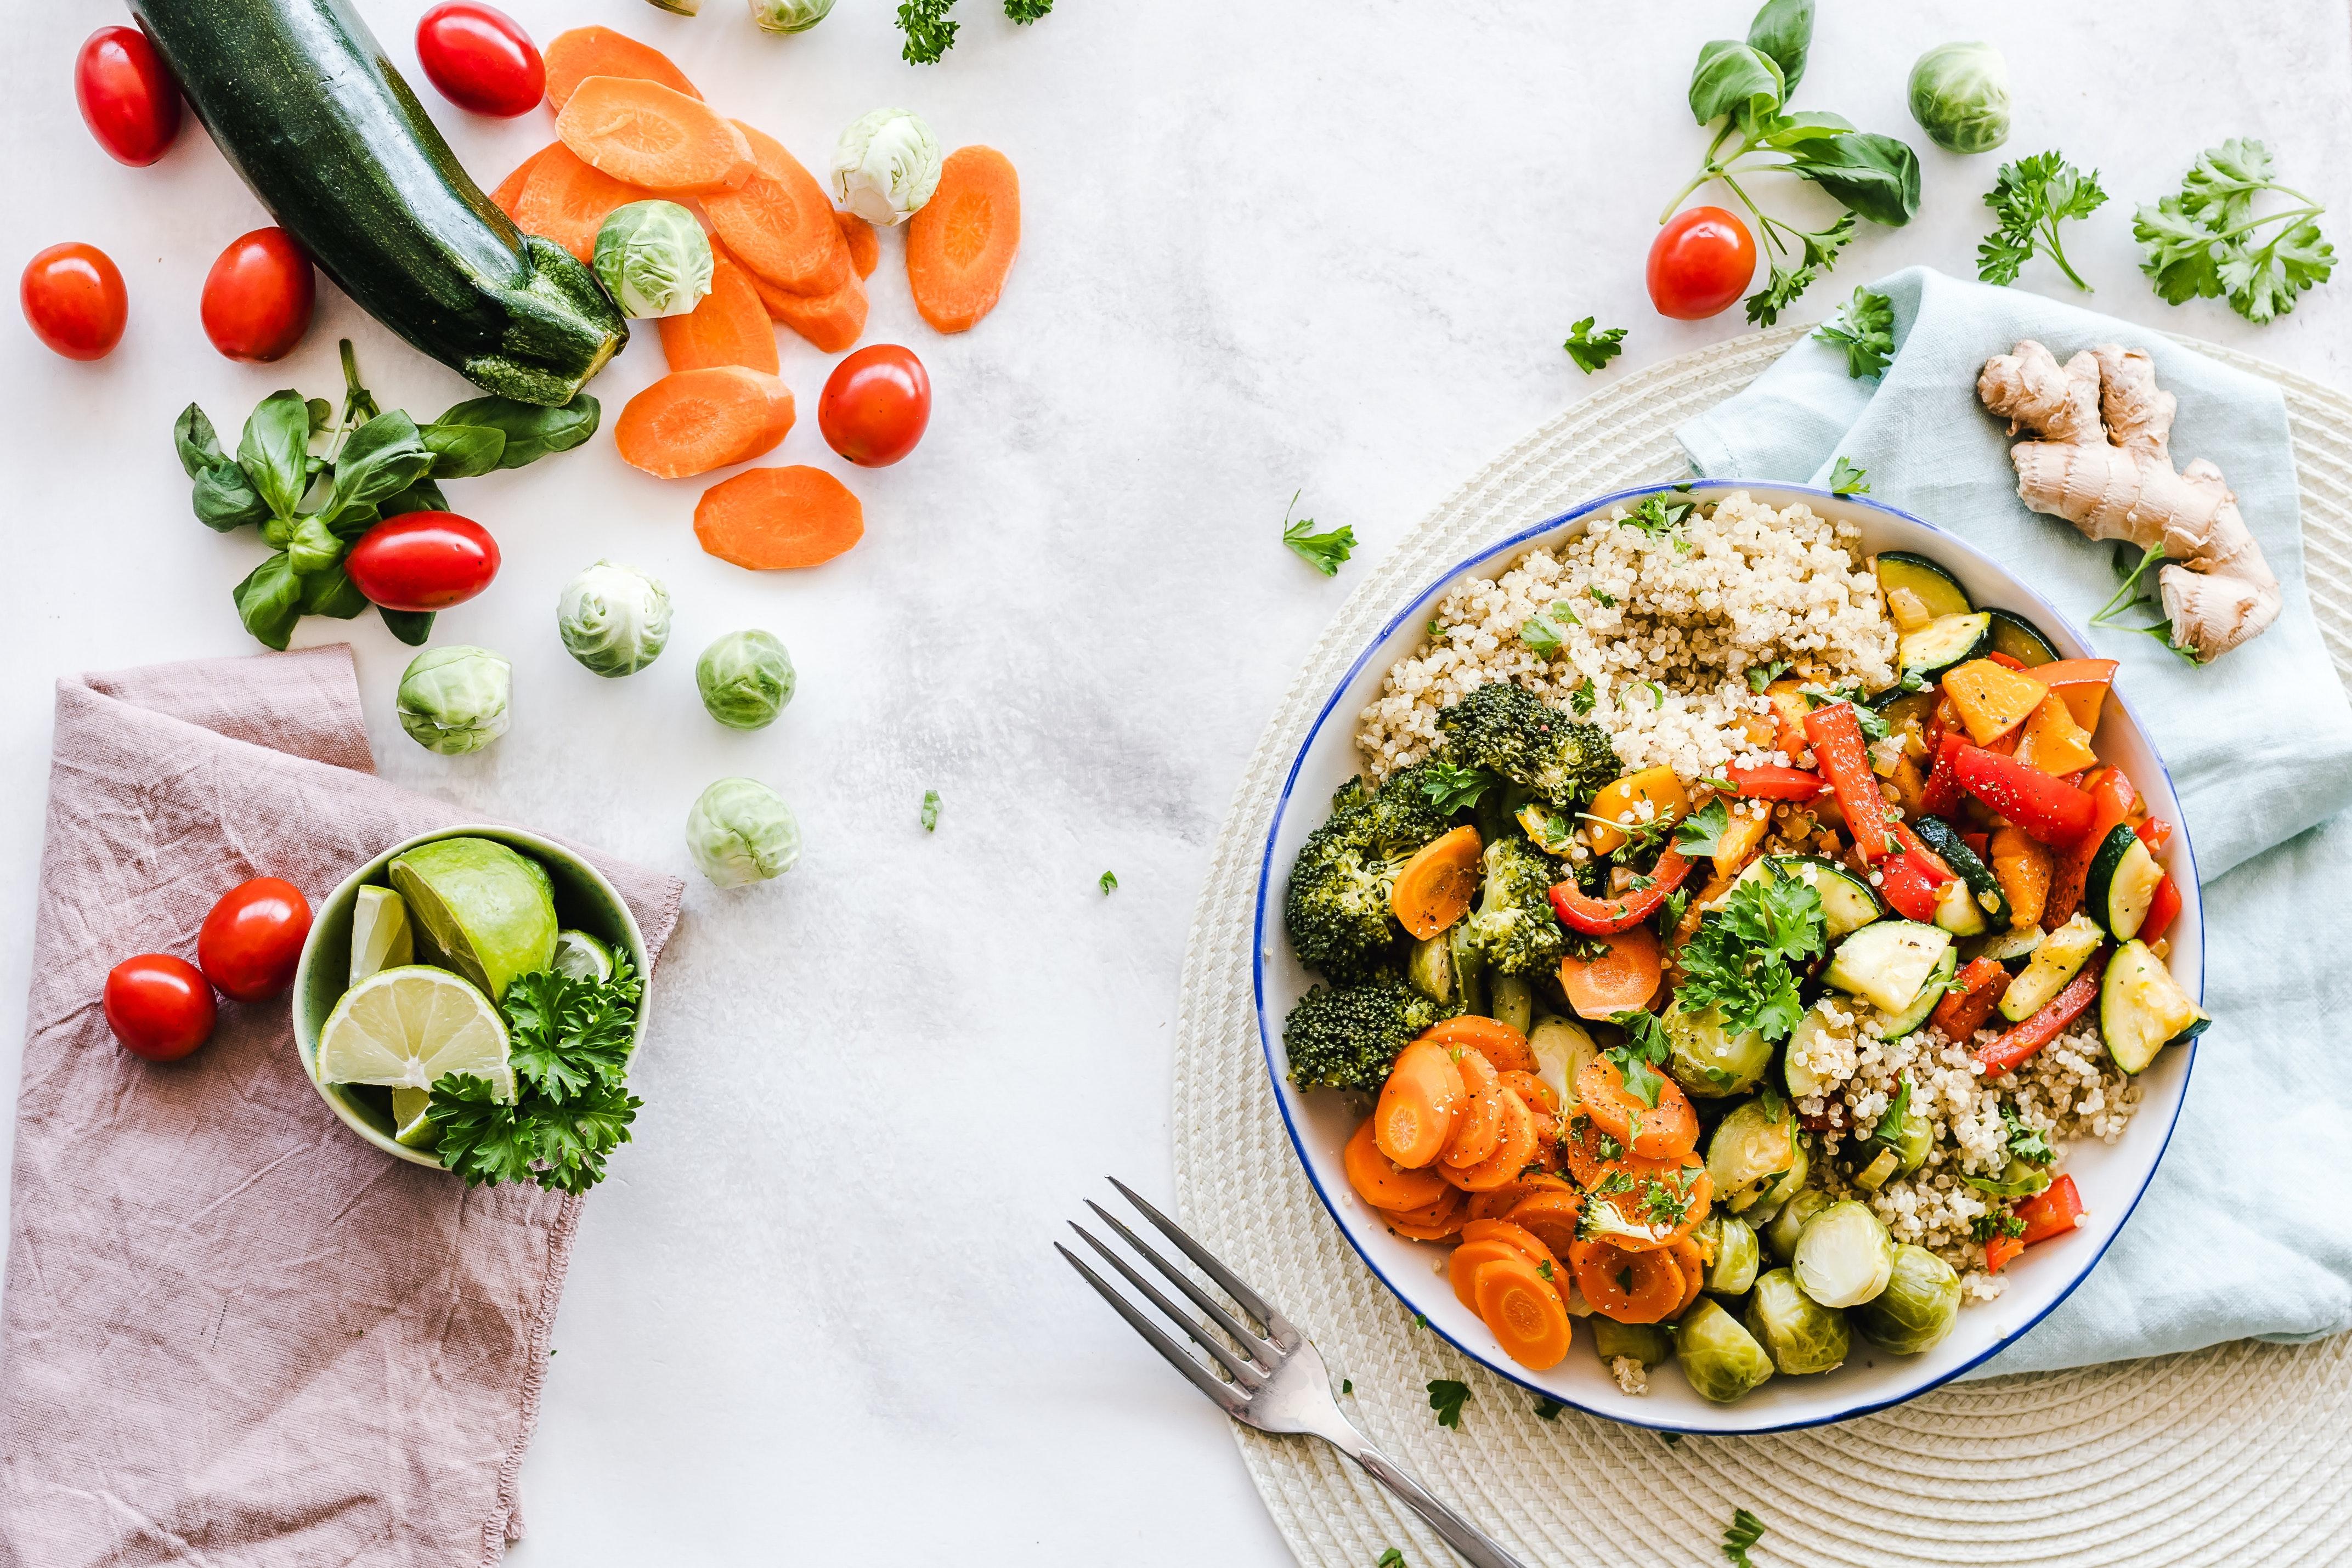 Obiady na dowóz Bełchatów – obiady stworzone dla Ciebie